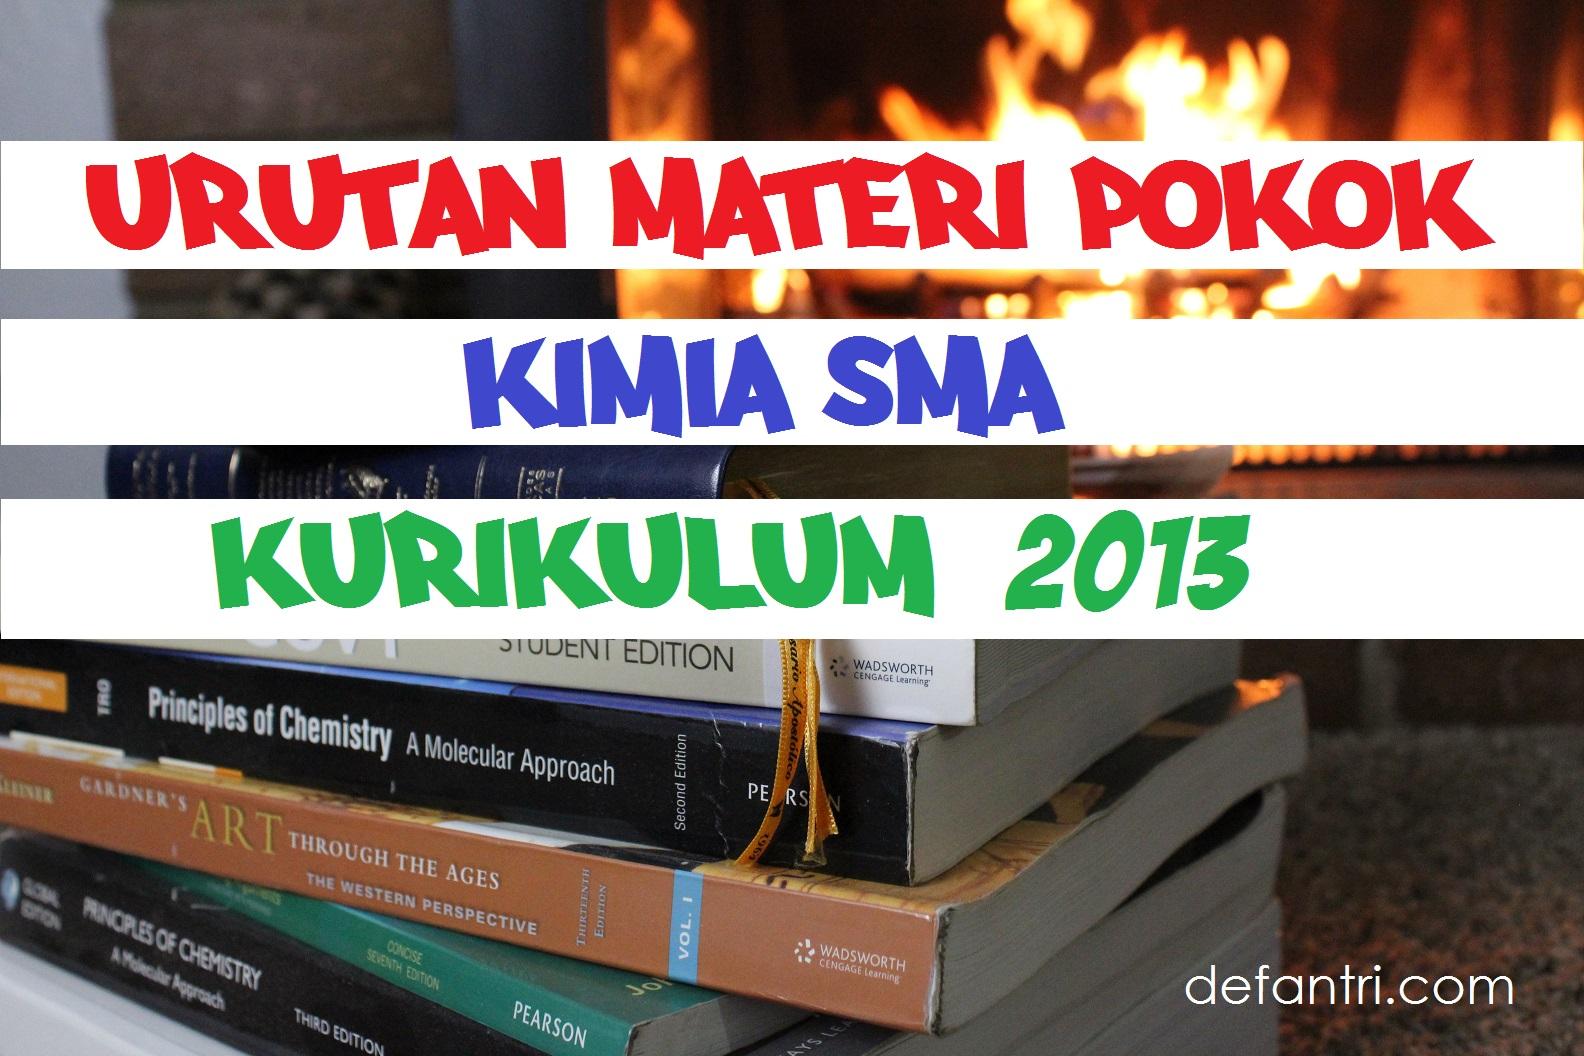 Urutan Materi Pokok Pembelajaran Kimia SMA Kurikulum 2013